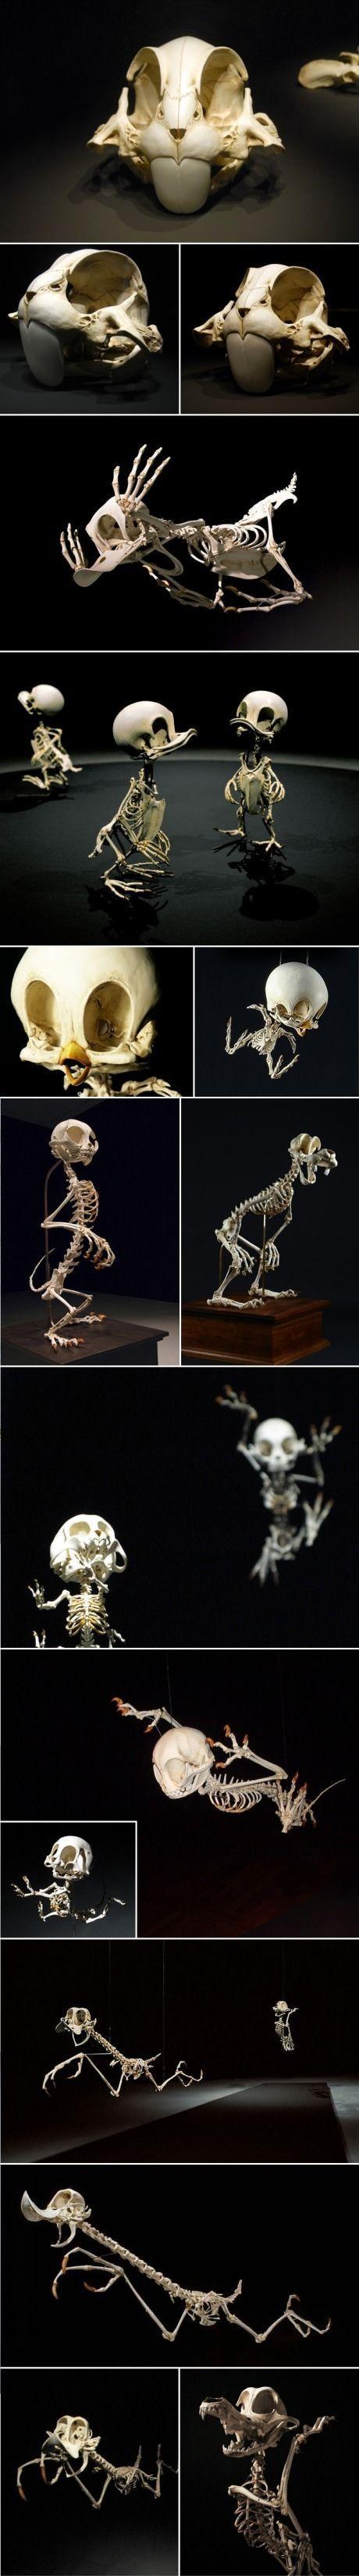 Skeletons of Disney Characters.: Looney Toon, Cartoon Characters, Awesome, Bones, Disney Skeletons, Cartooncharact, Cartoon Skeletons, Random Pin, Disney Characters